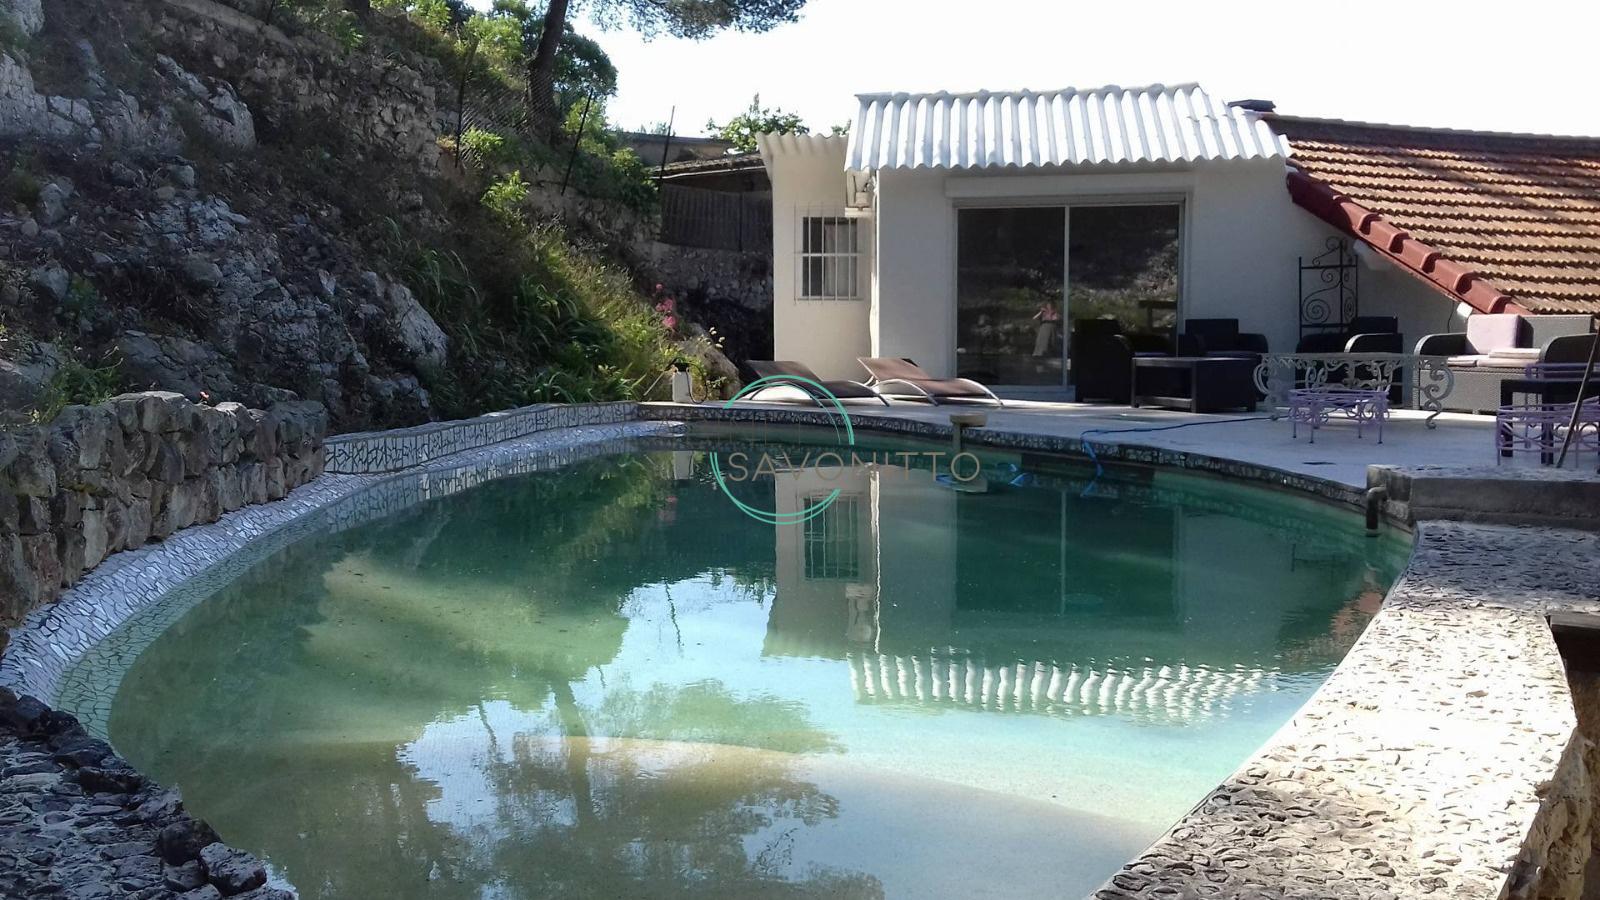 Vente le redon maison de 180m avec piscine et garage for Piscine redon